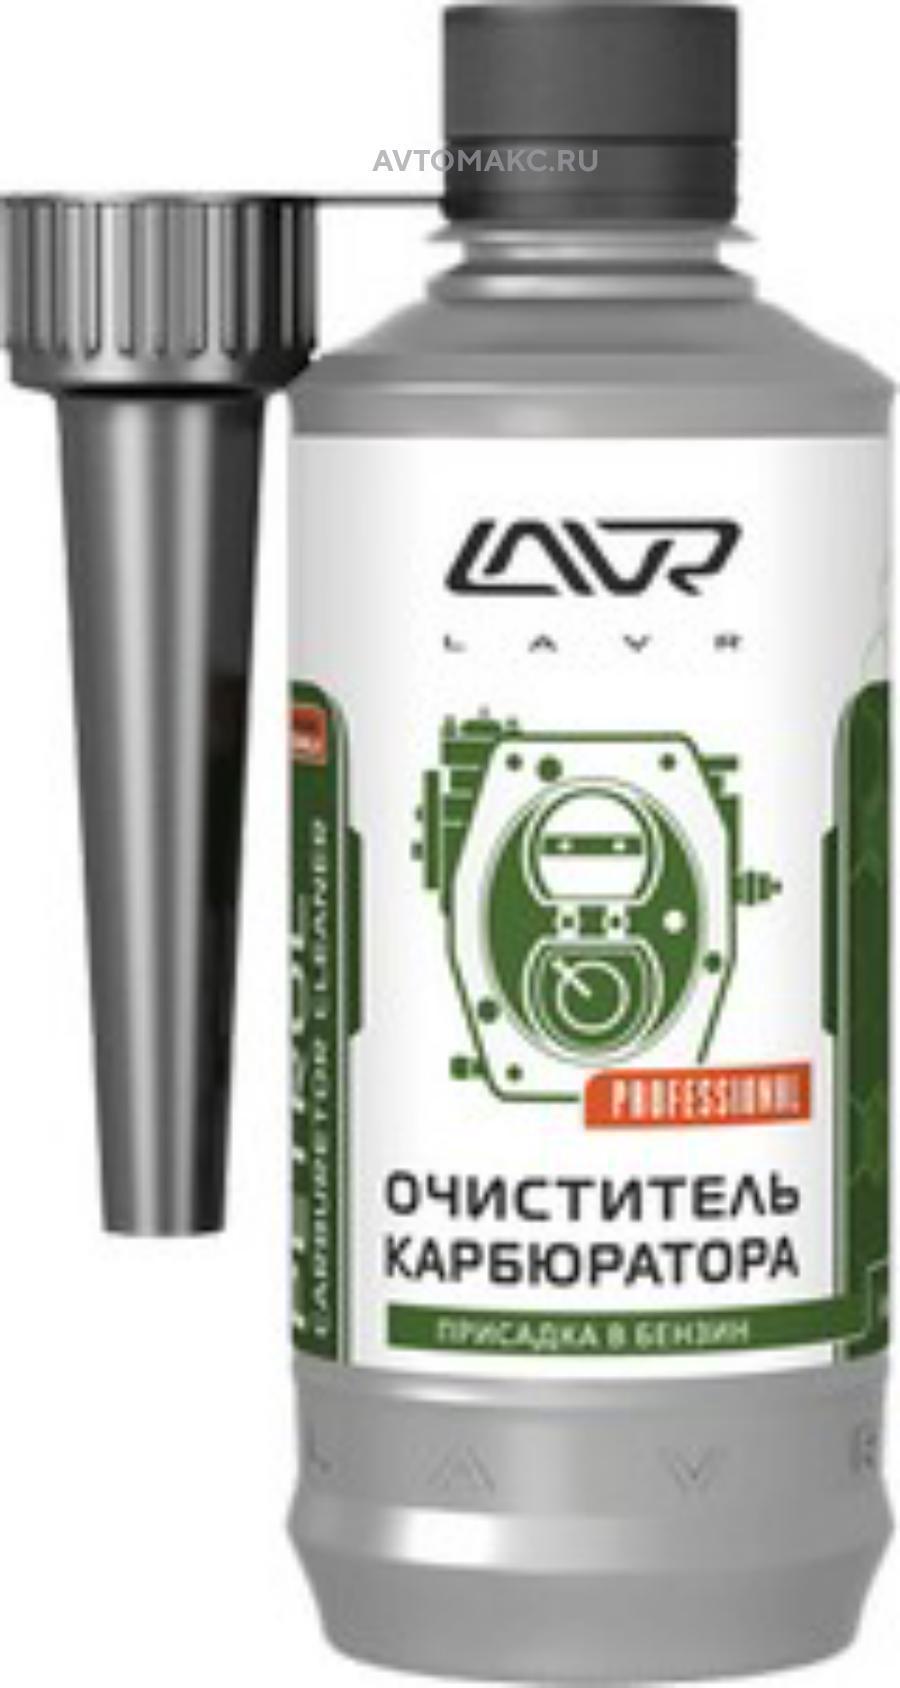 Очиститель карбюратора присадка в бензин LAVR Carburetor Cleaner Petrol (LN2108)